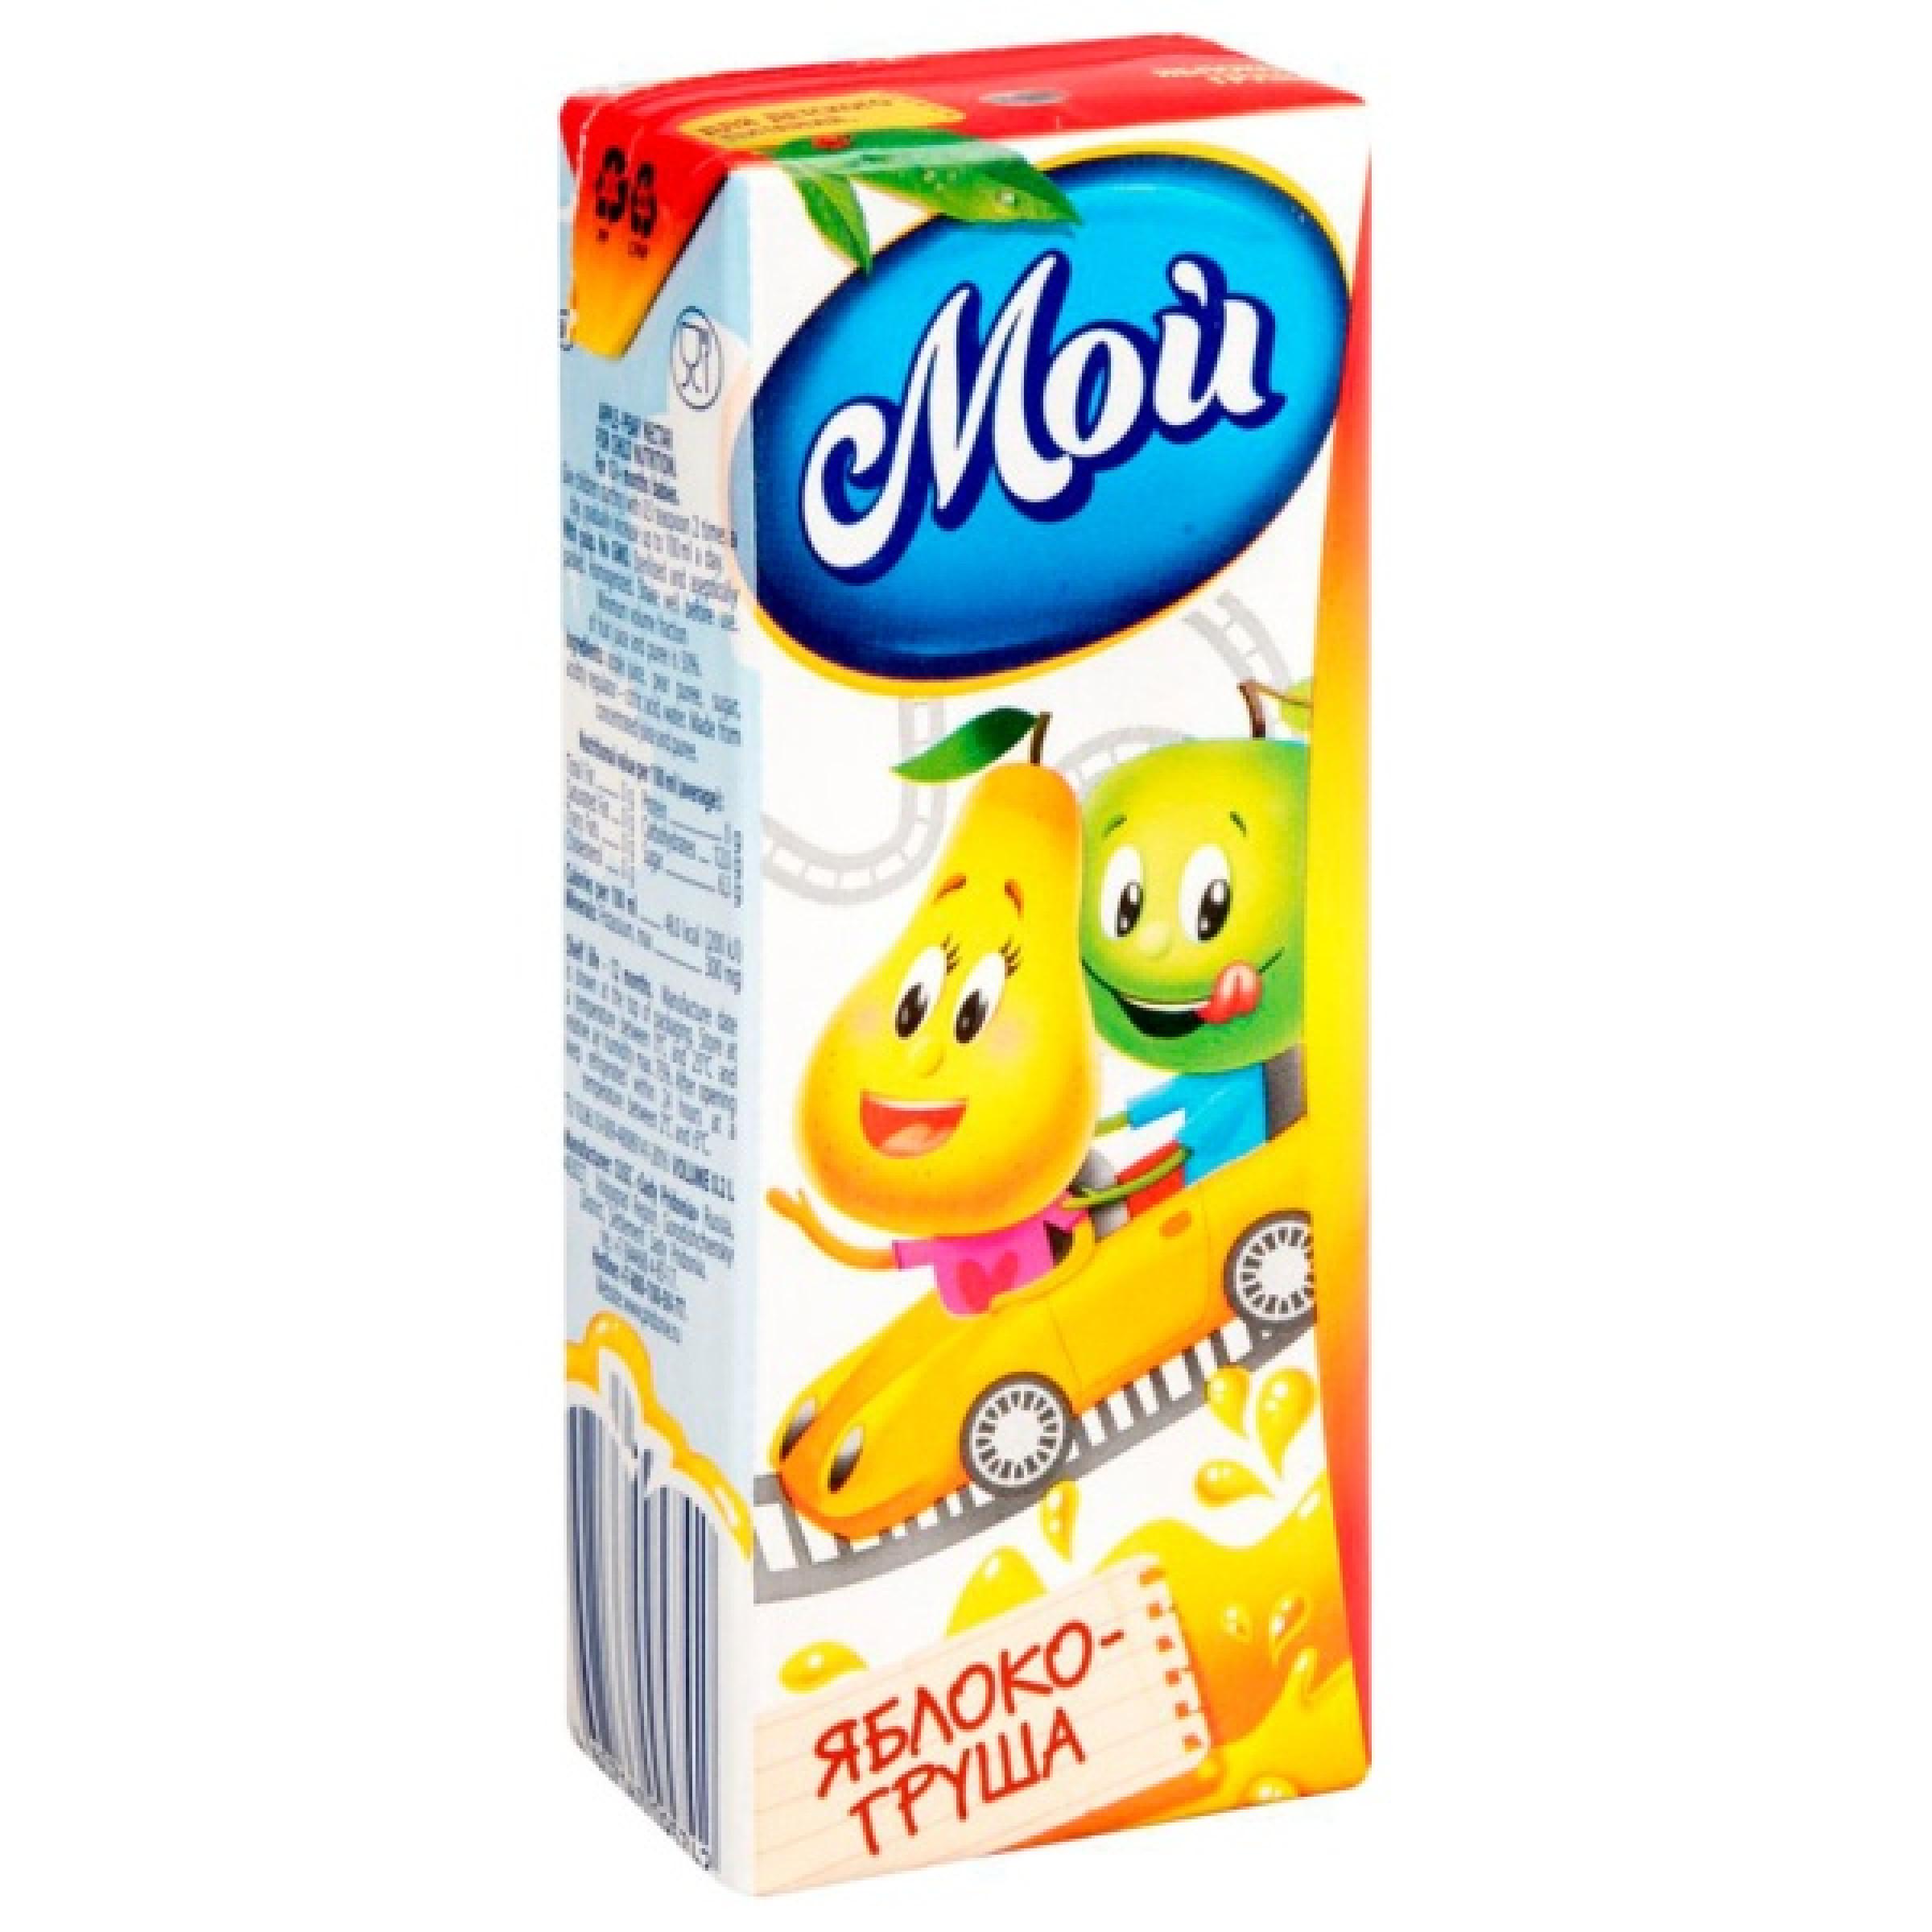 """Нектар """" Мой """" Яблоко - Груша с мякотью для детей с 12 месяцев, 0,2л"""